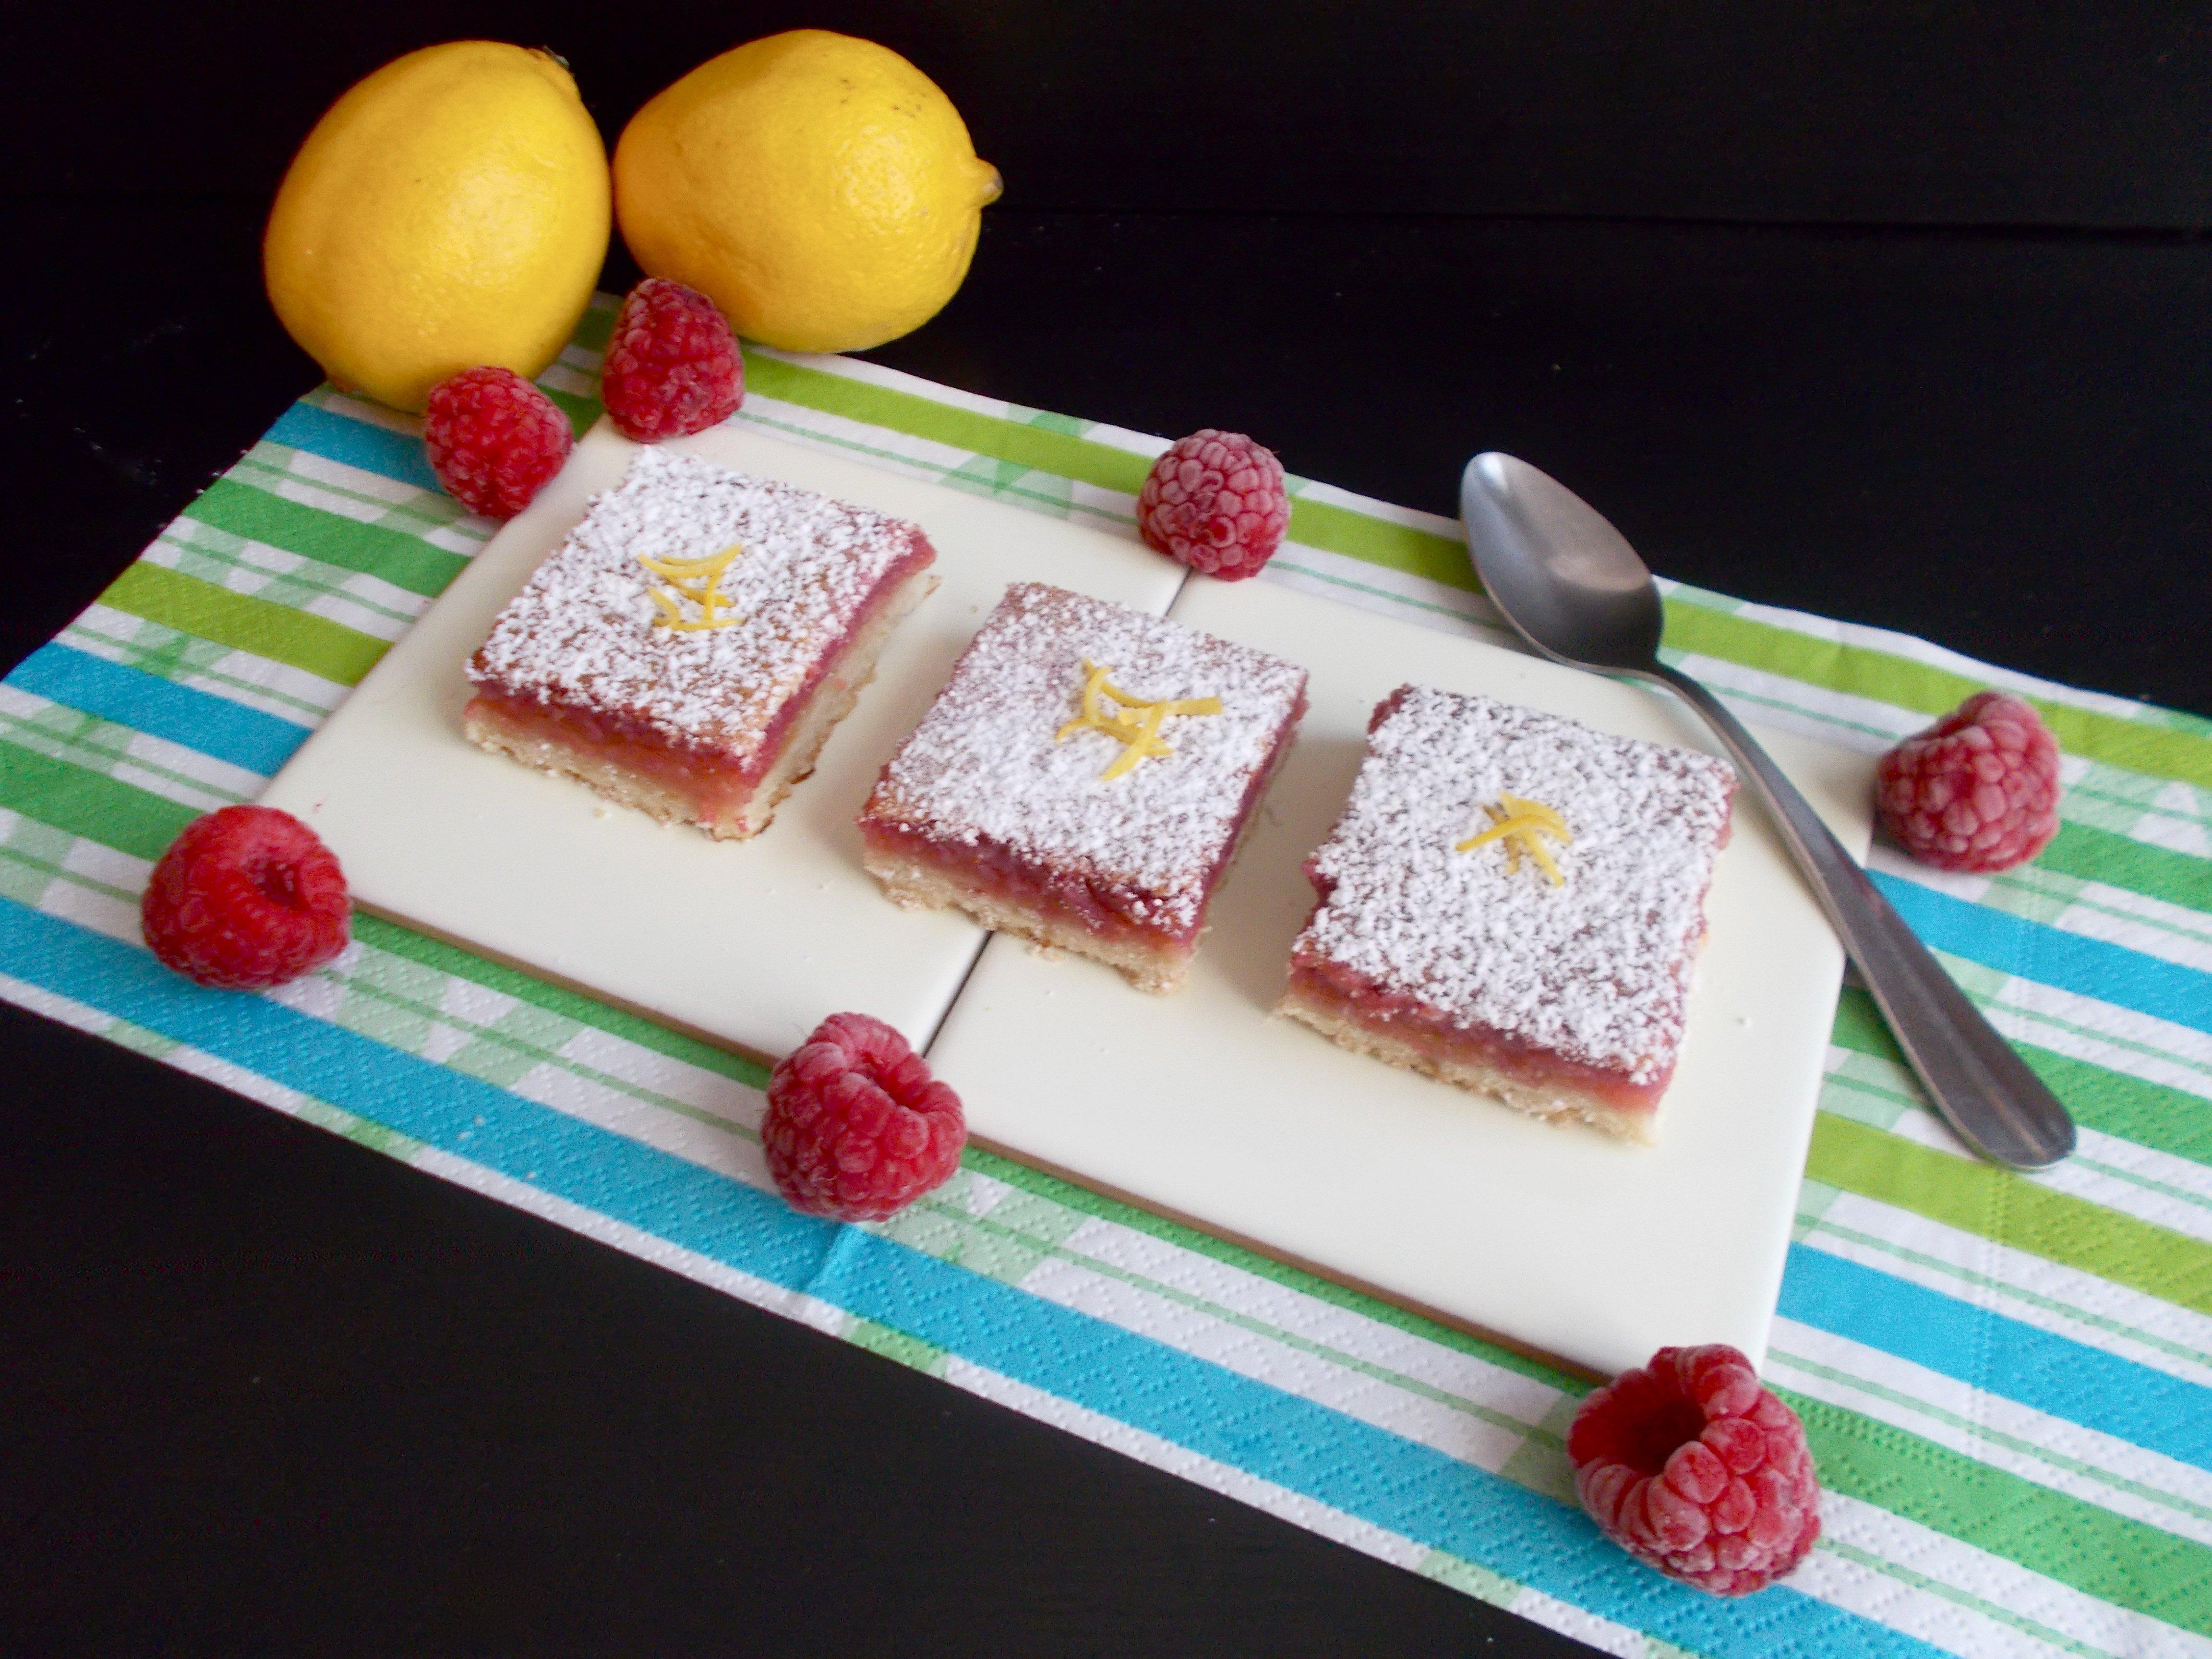 Lemon & Raspberry bars